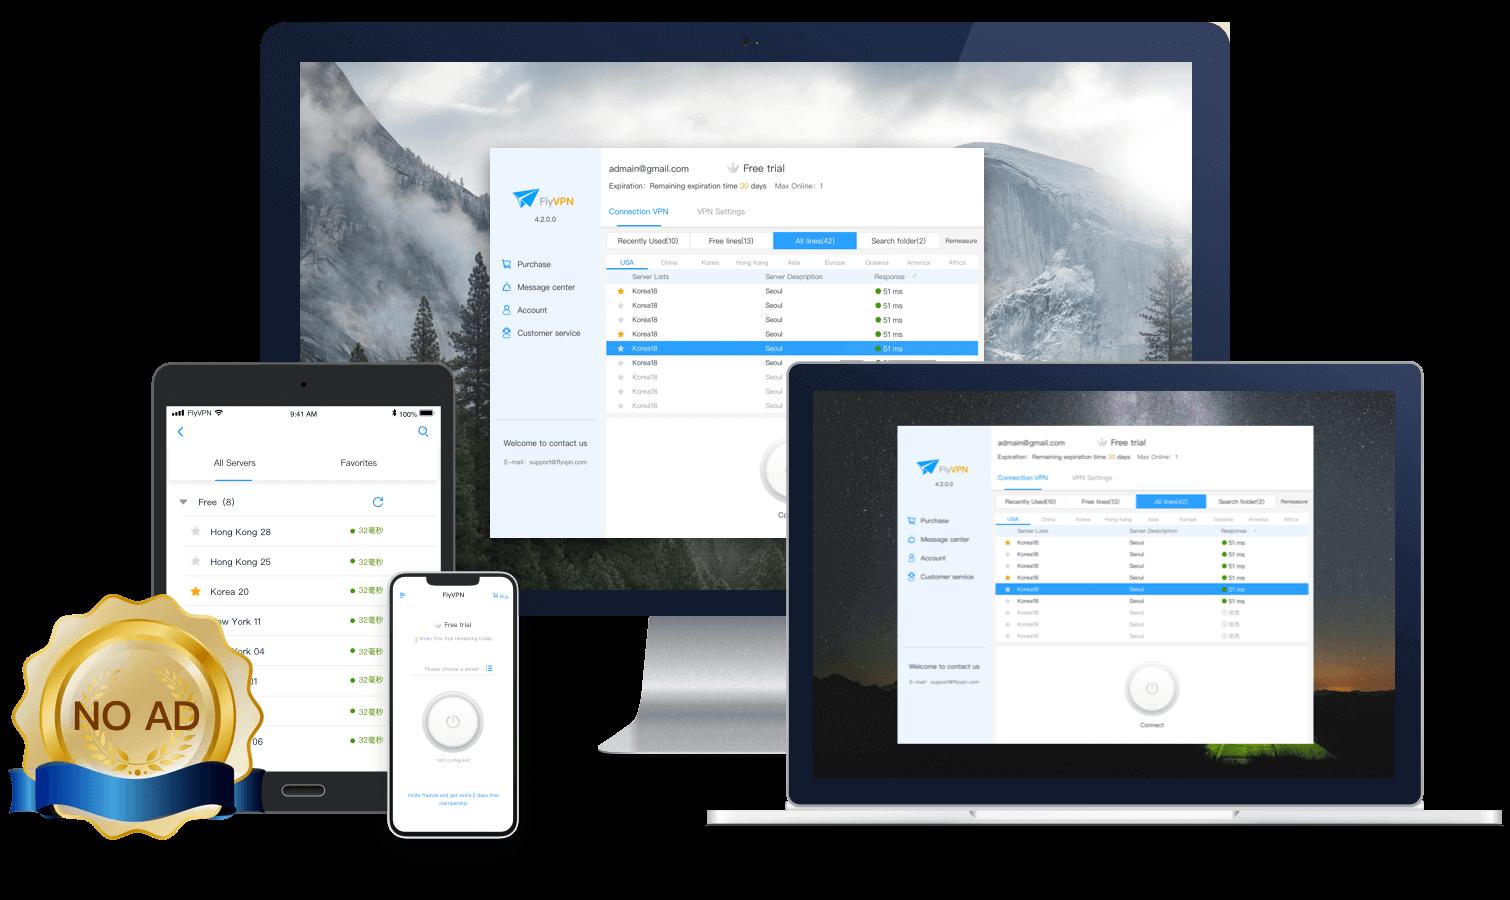 Free Use VPN Service | FlyVPN